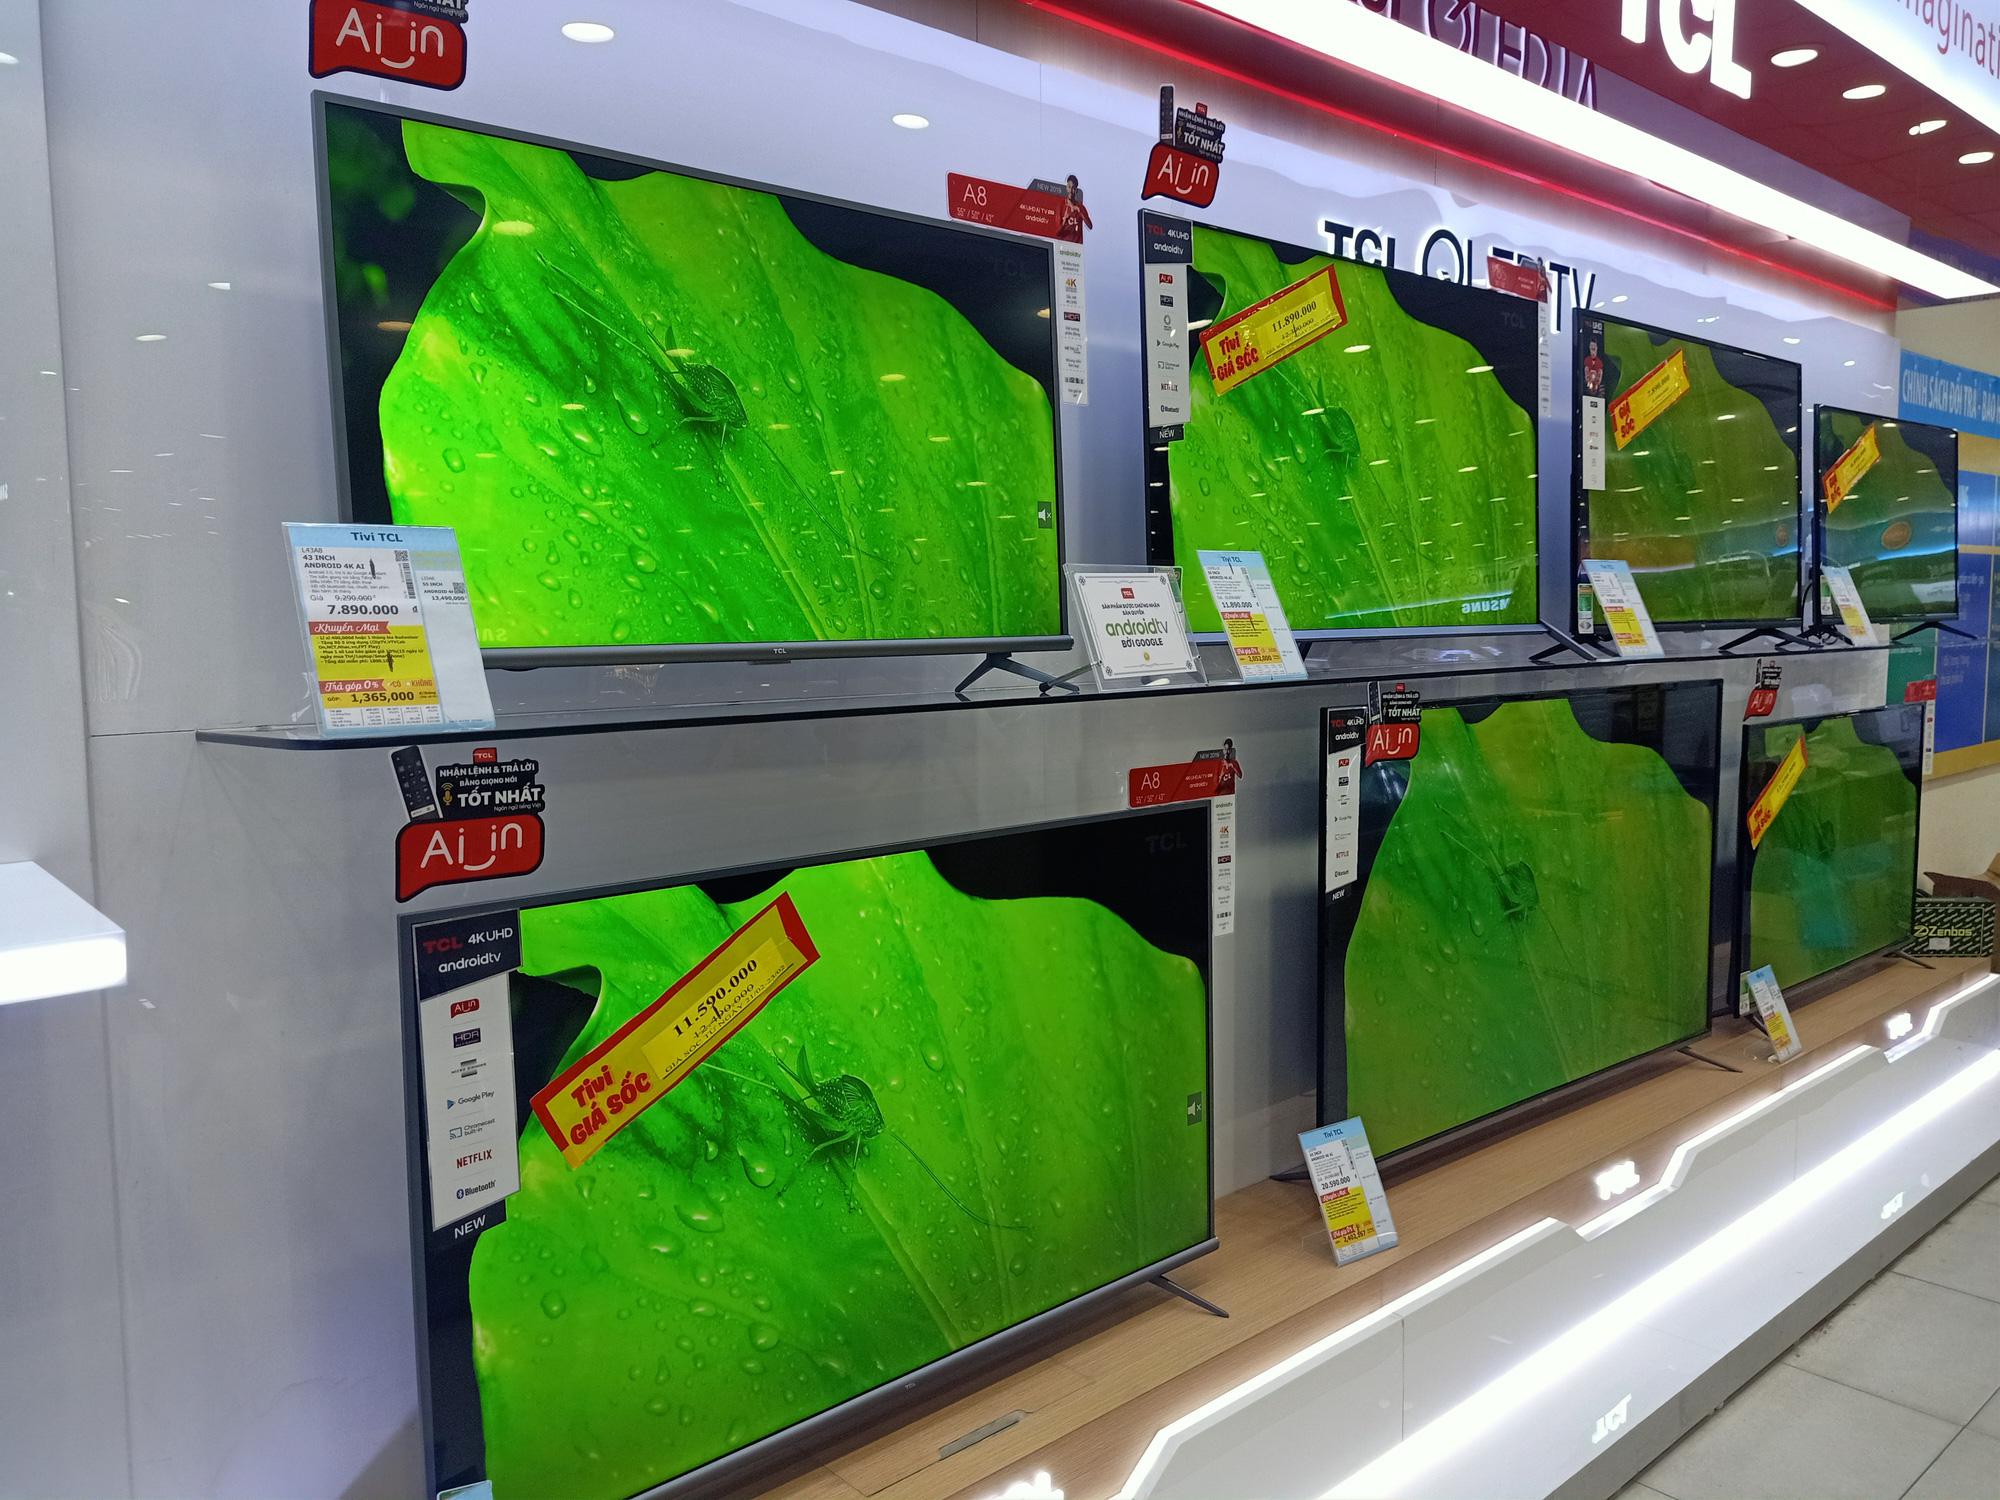 Tivi giảm giá tuần này: Nhiều khuyến mãi cho các loại sản phẩm khác nhau - Ảnh 4.